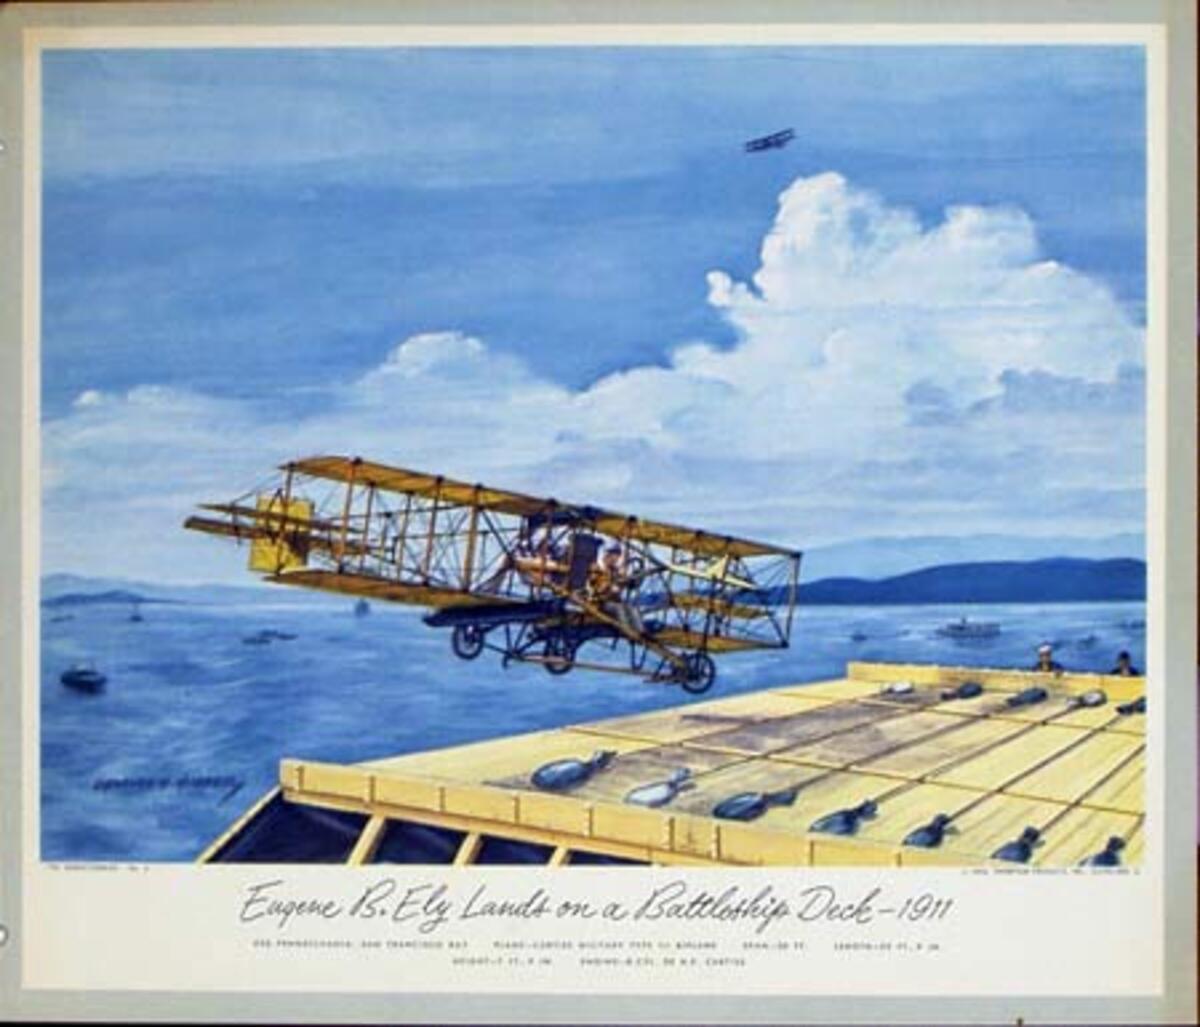 Vintgage Aviation Print Eugene B. Ely Lands on A Battleship Deck 1911